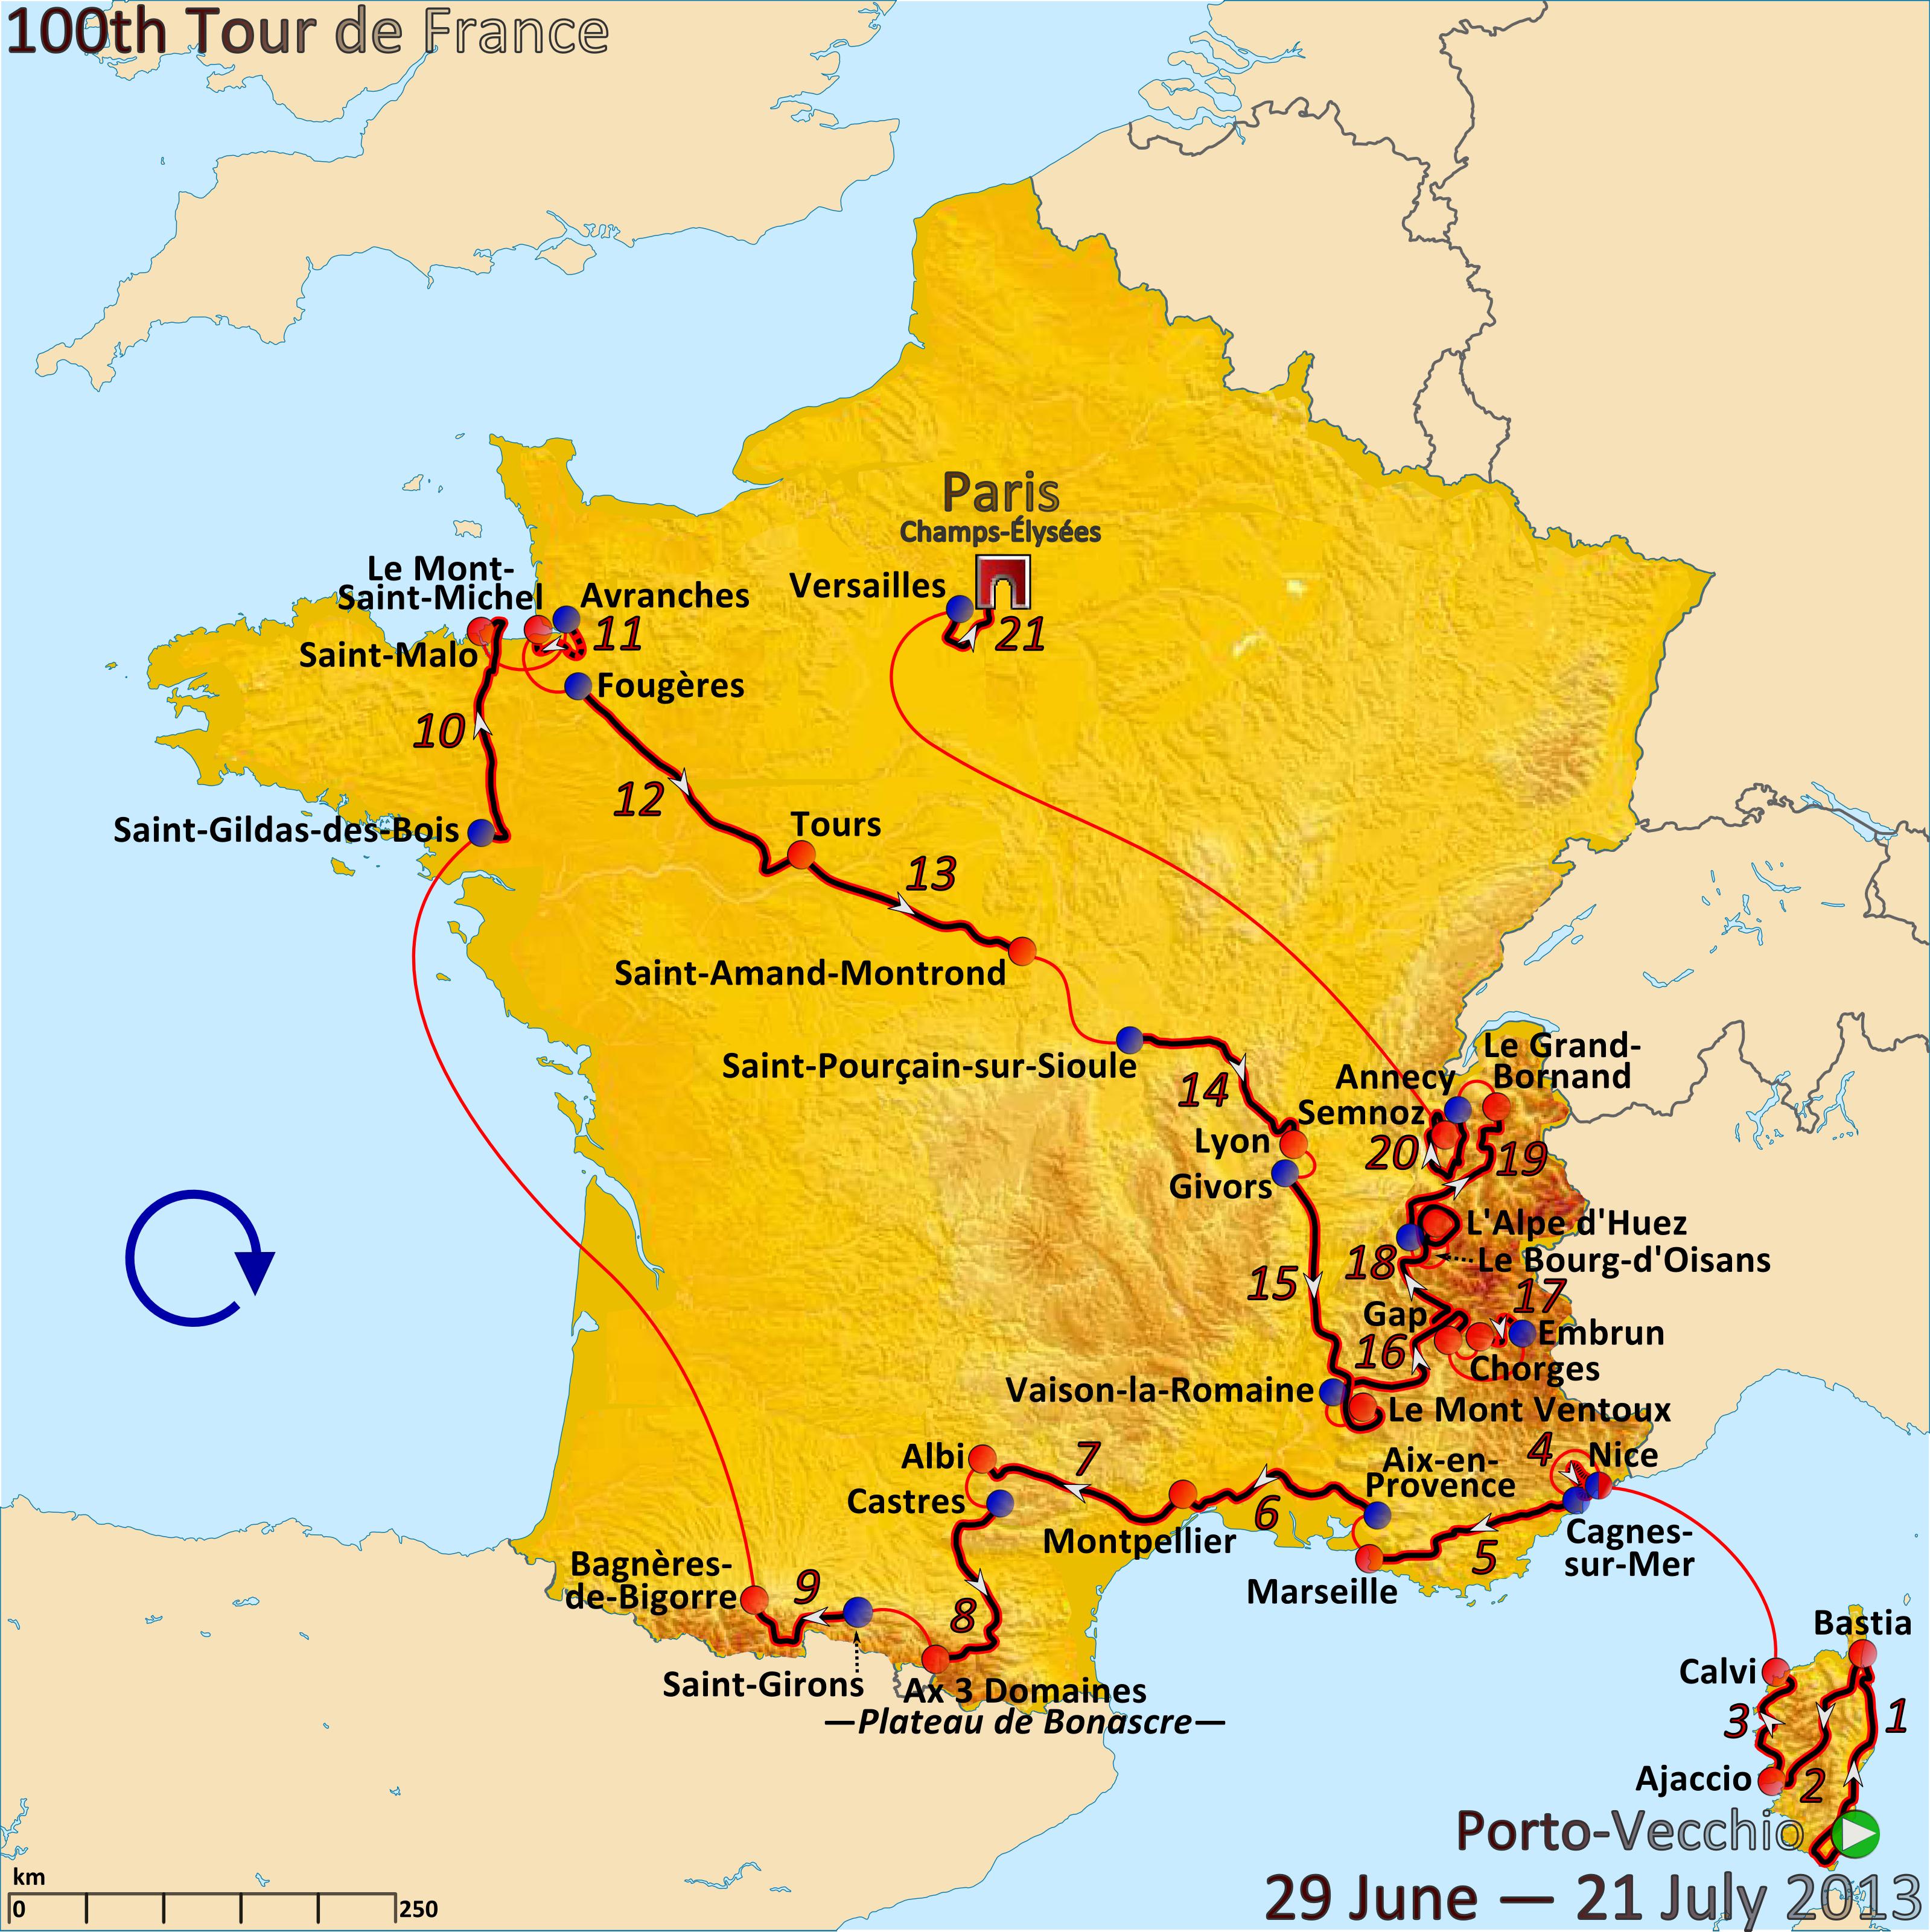 TOUR DE FRANCE MAP 2014